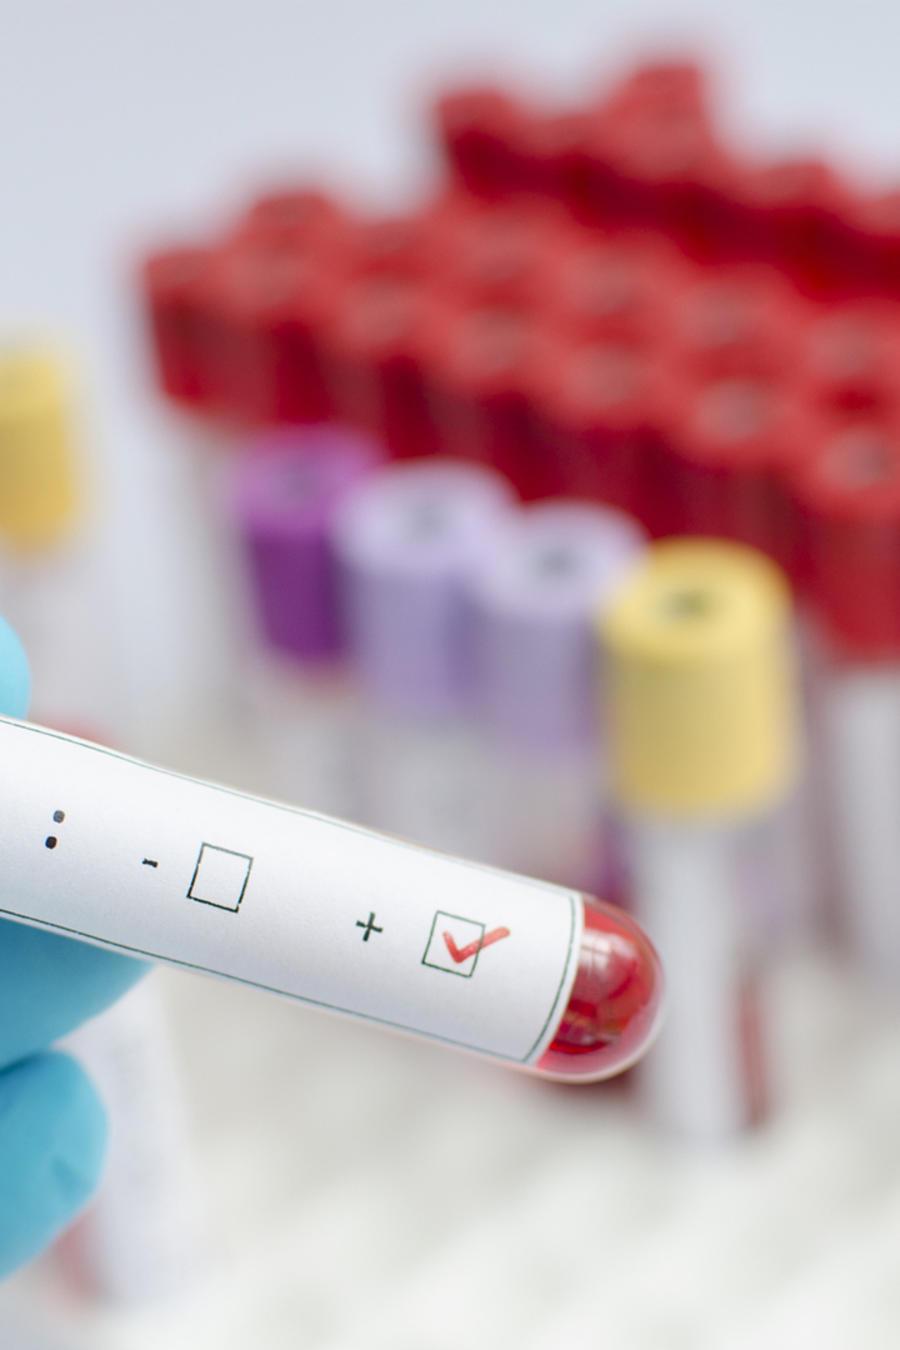 Científico con una prueba de VIH positiva